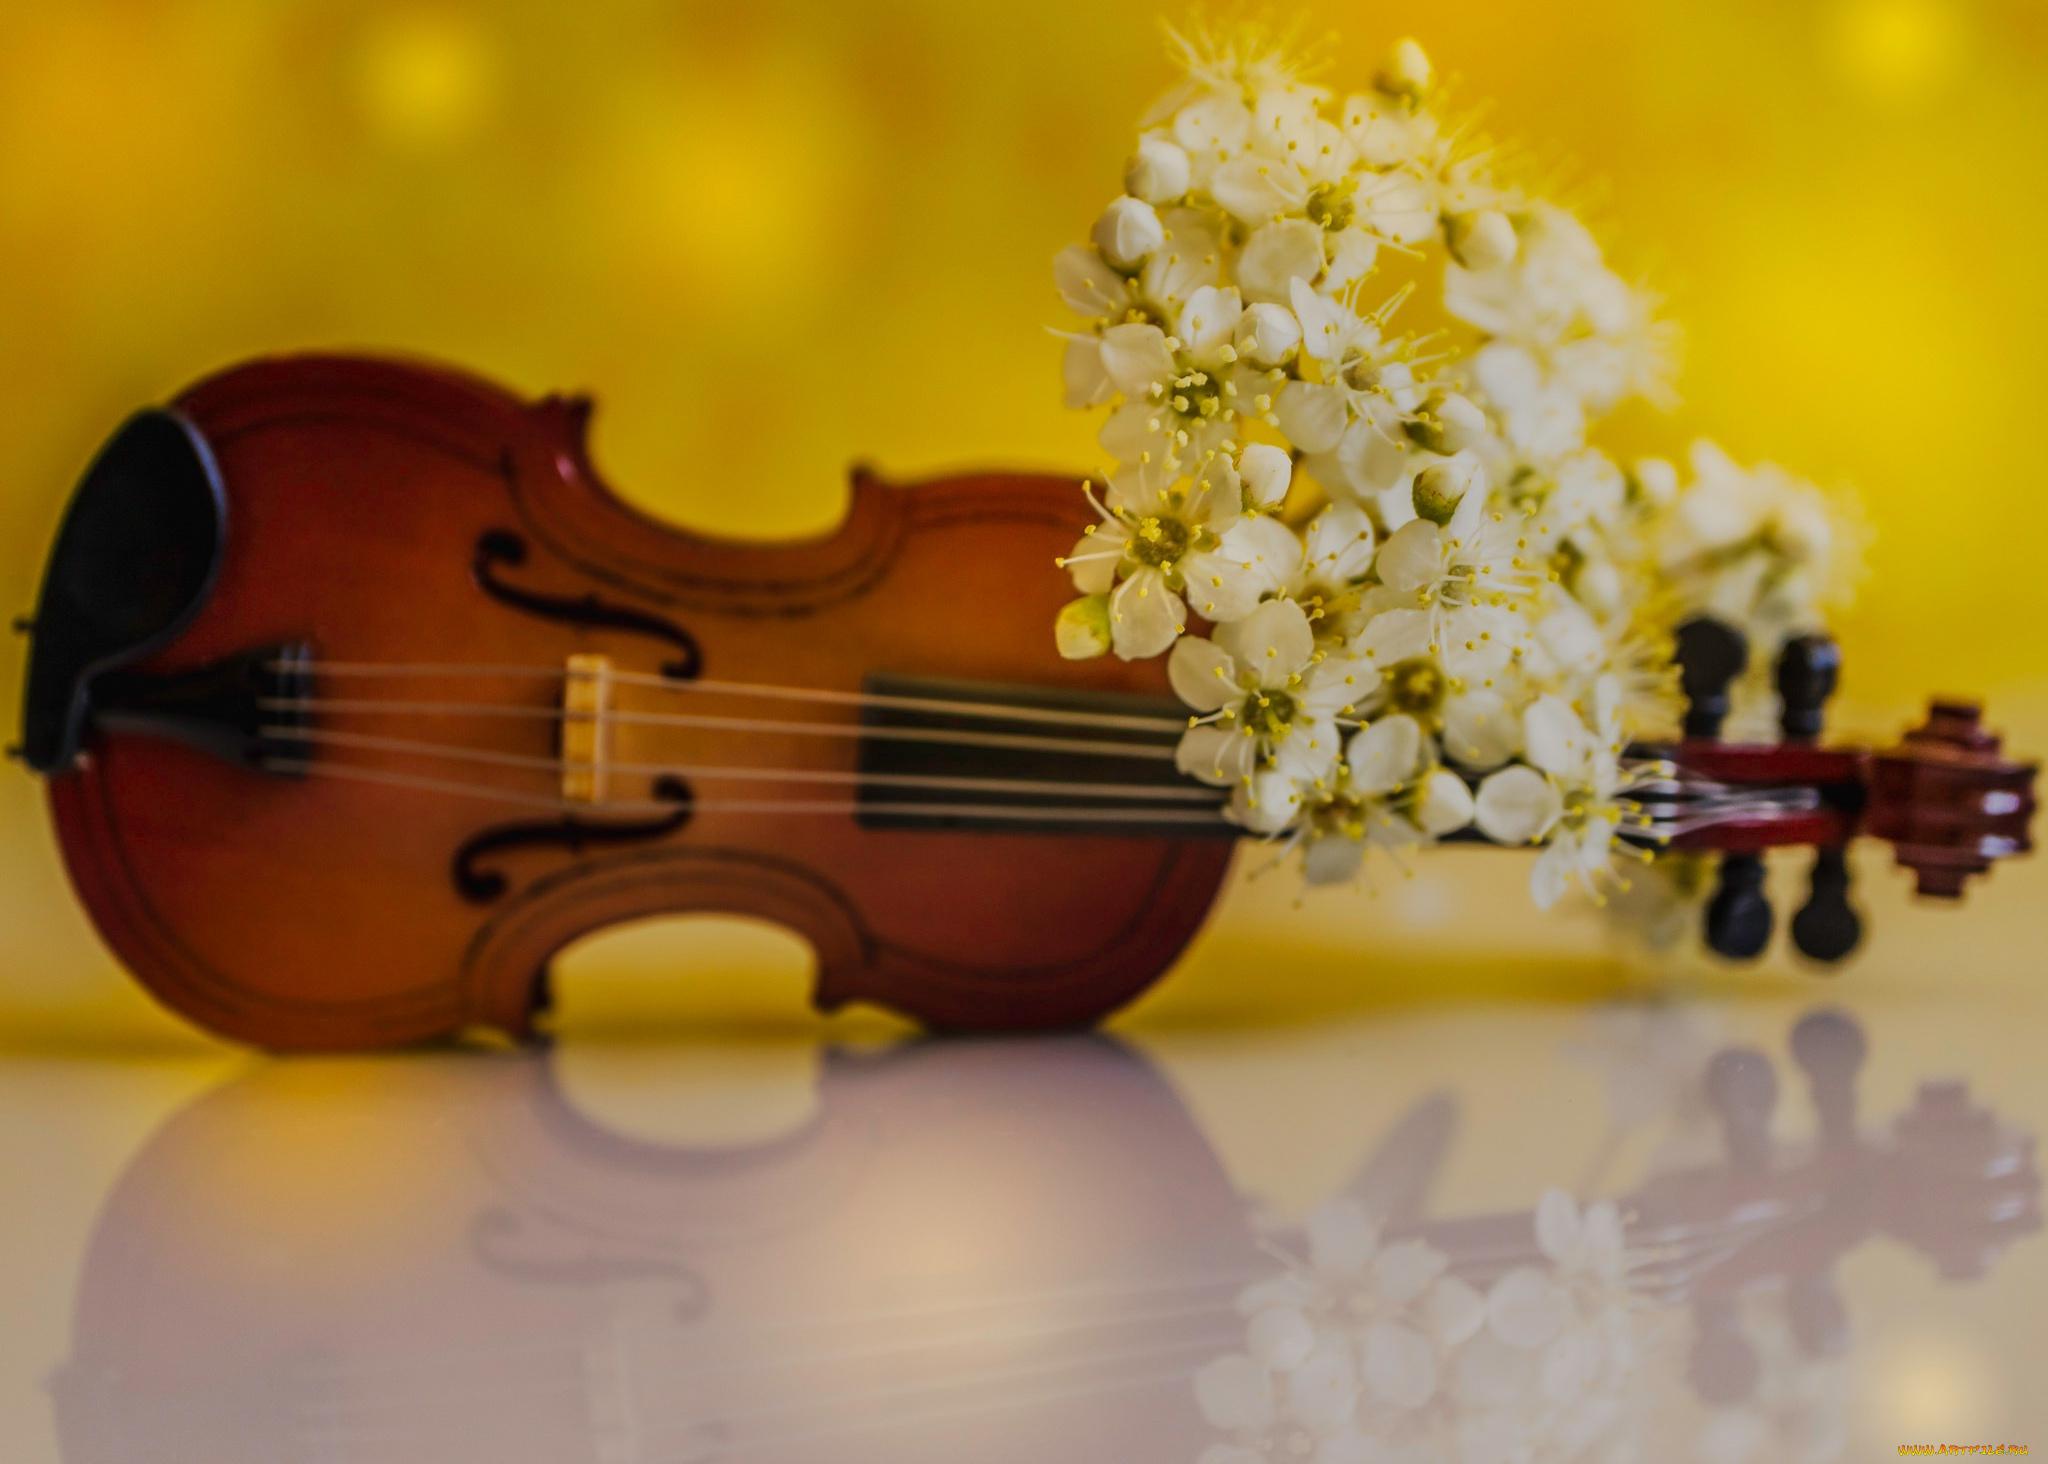 Про, картинка с музыкальными инструментами и цветами